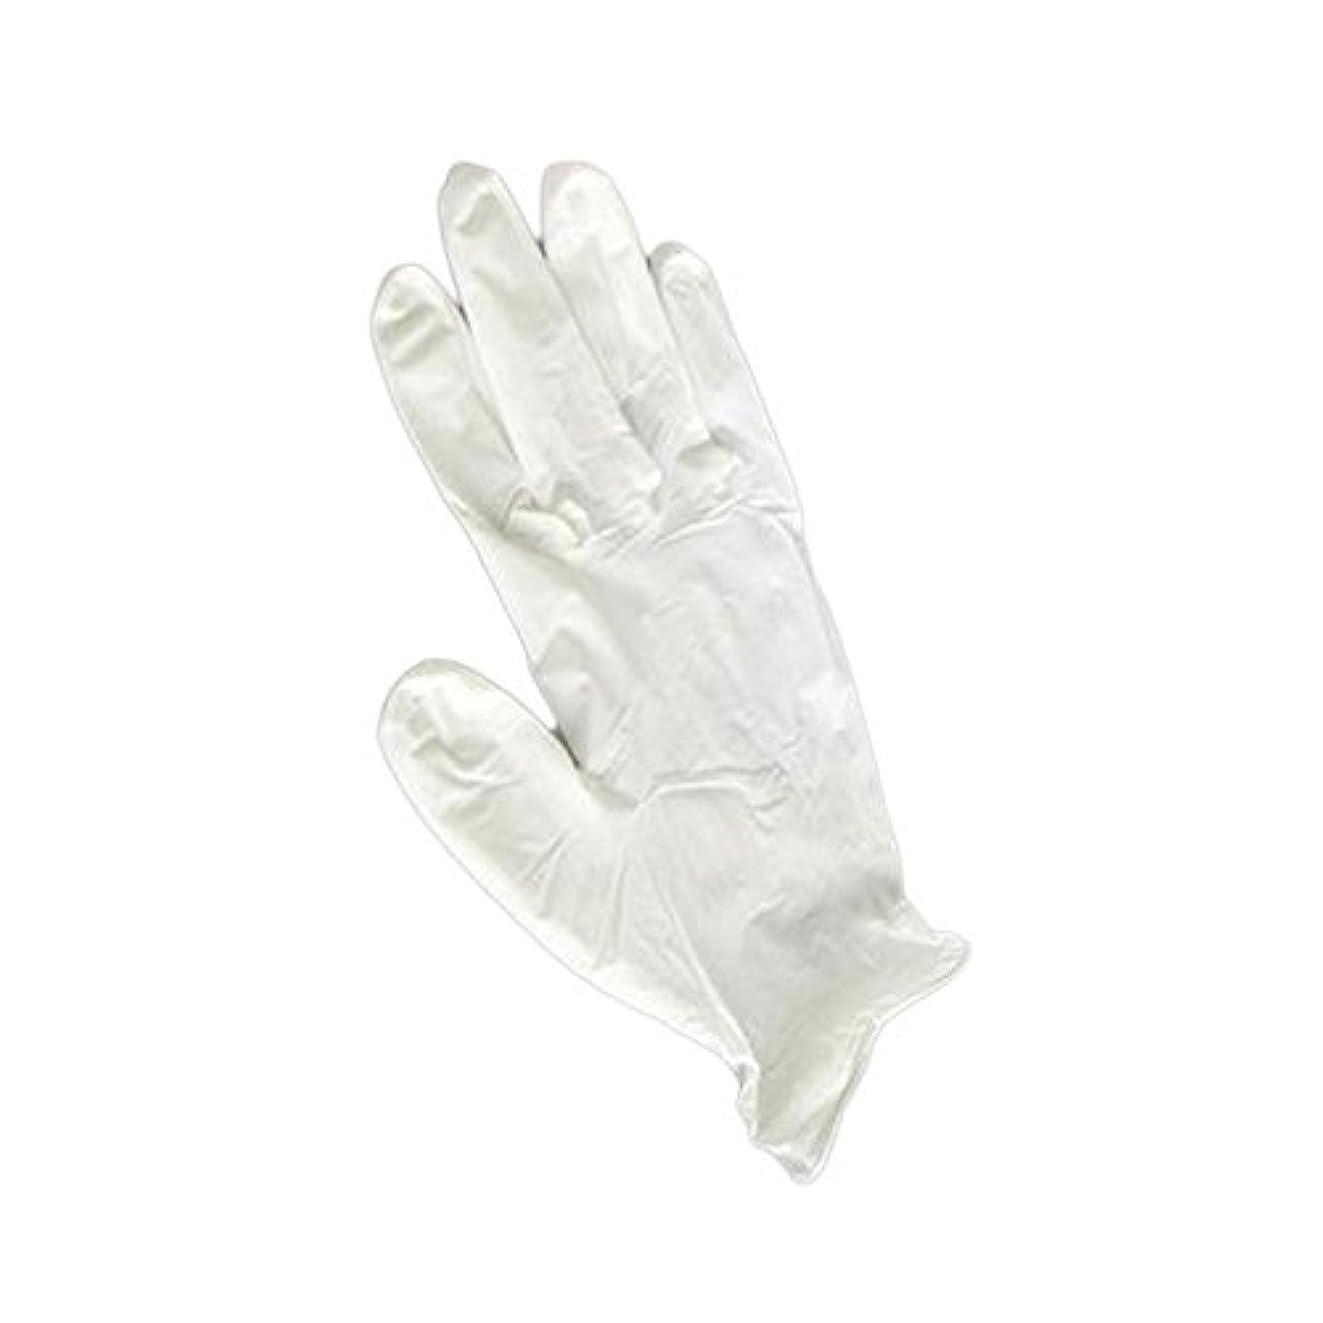 三高サプライ ニトリルグローブ(ゴム手袋) パウダーフリー BOXタイプ ダーマホワイト 100枚入り GN01 S